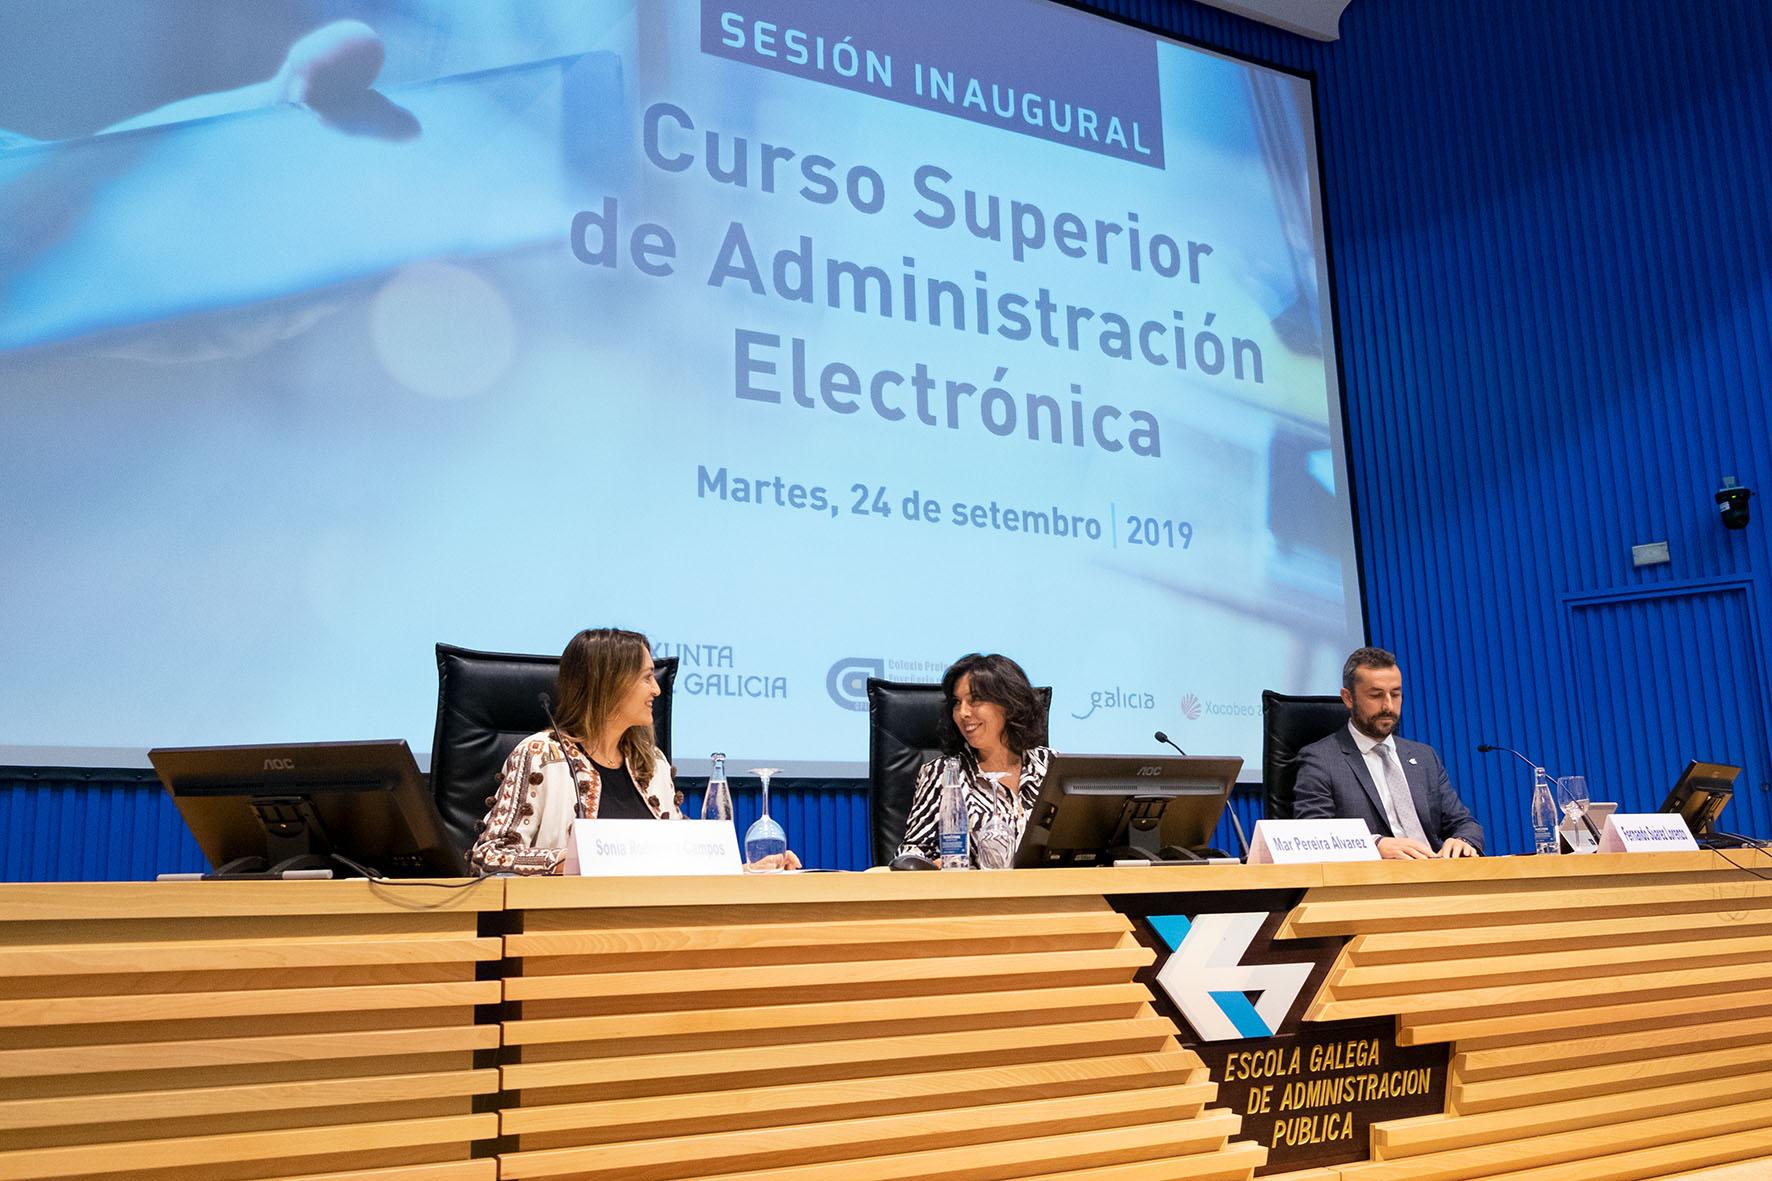 Inauguración do Curso Superior en Administración Electrónica.